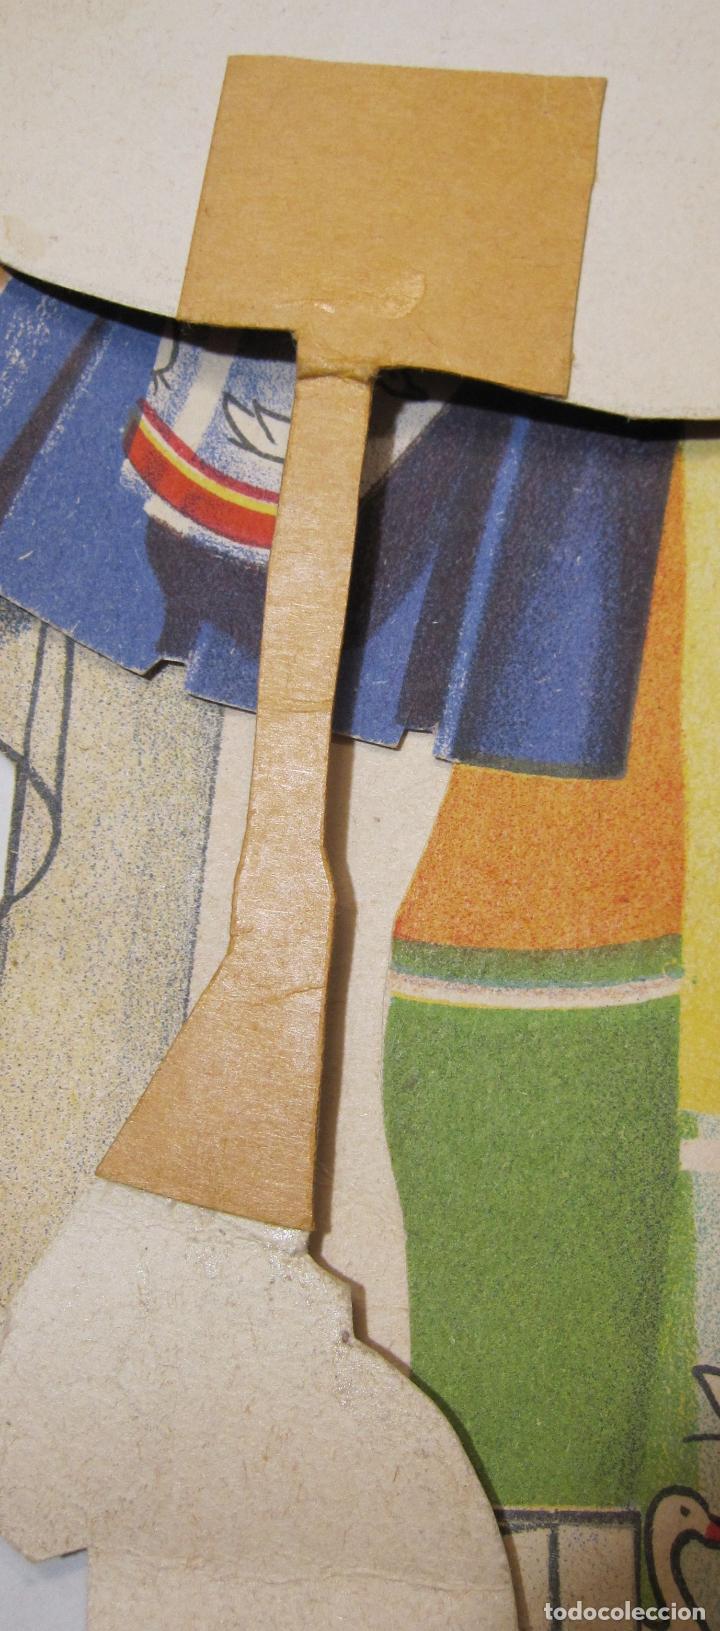 Coleccionismo Recortables: IMPORTANTE Y ANTIGUA COLECCIÓN DE MUÑECAS / MUÑECOS RECORTABLES. VESTIDOS. COMPLEMENTOS. VER FOTOS - Foto 68 - 228420055